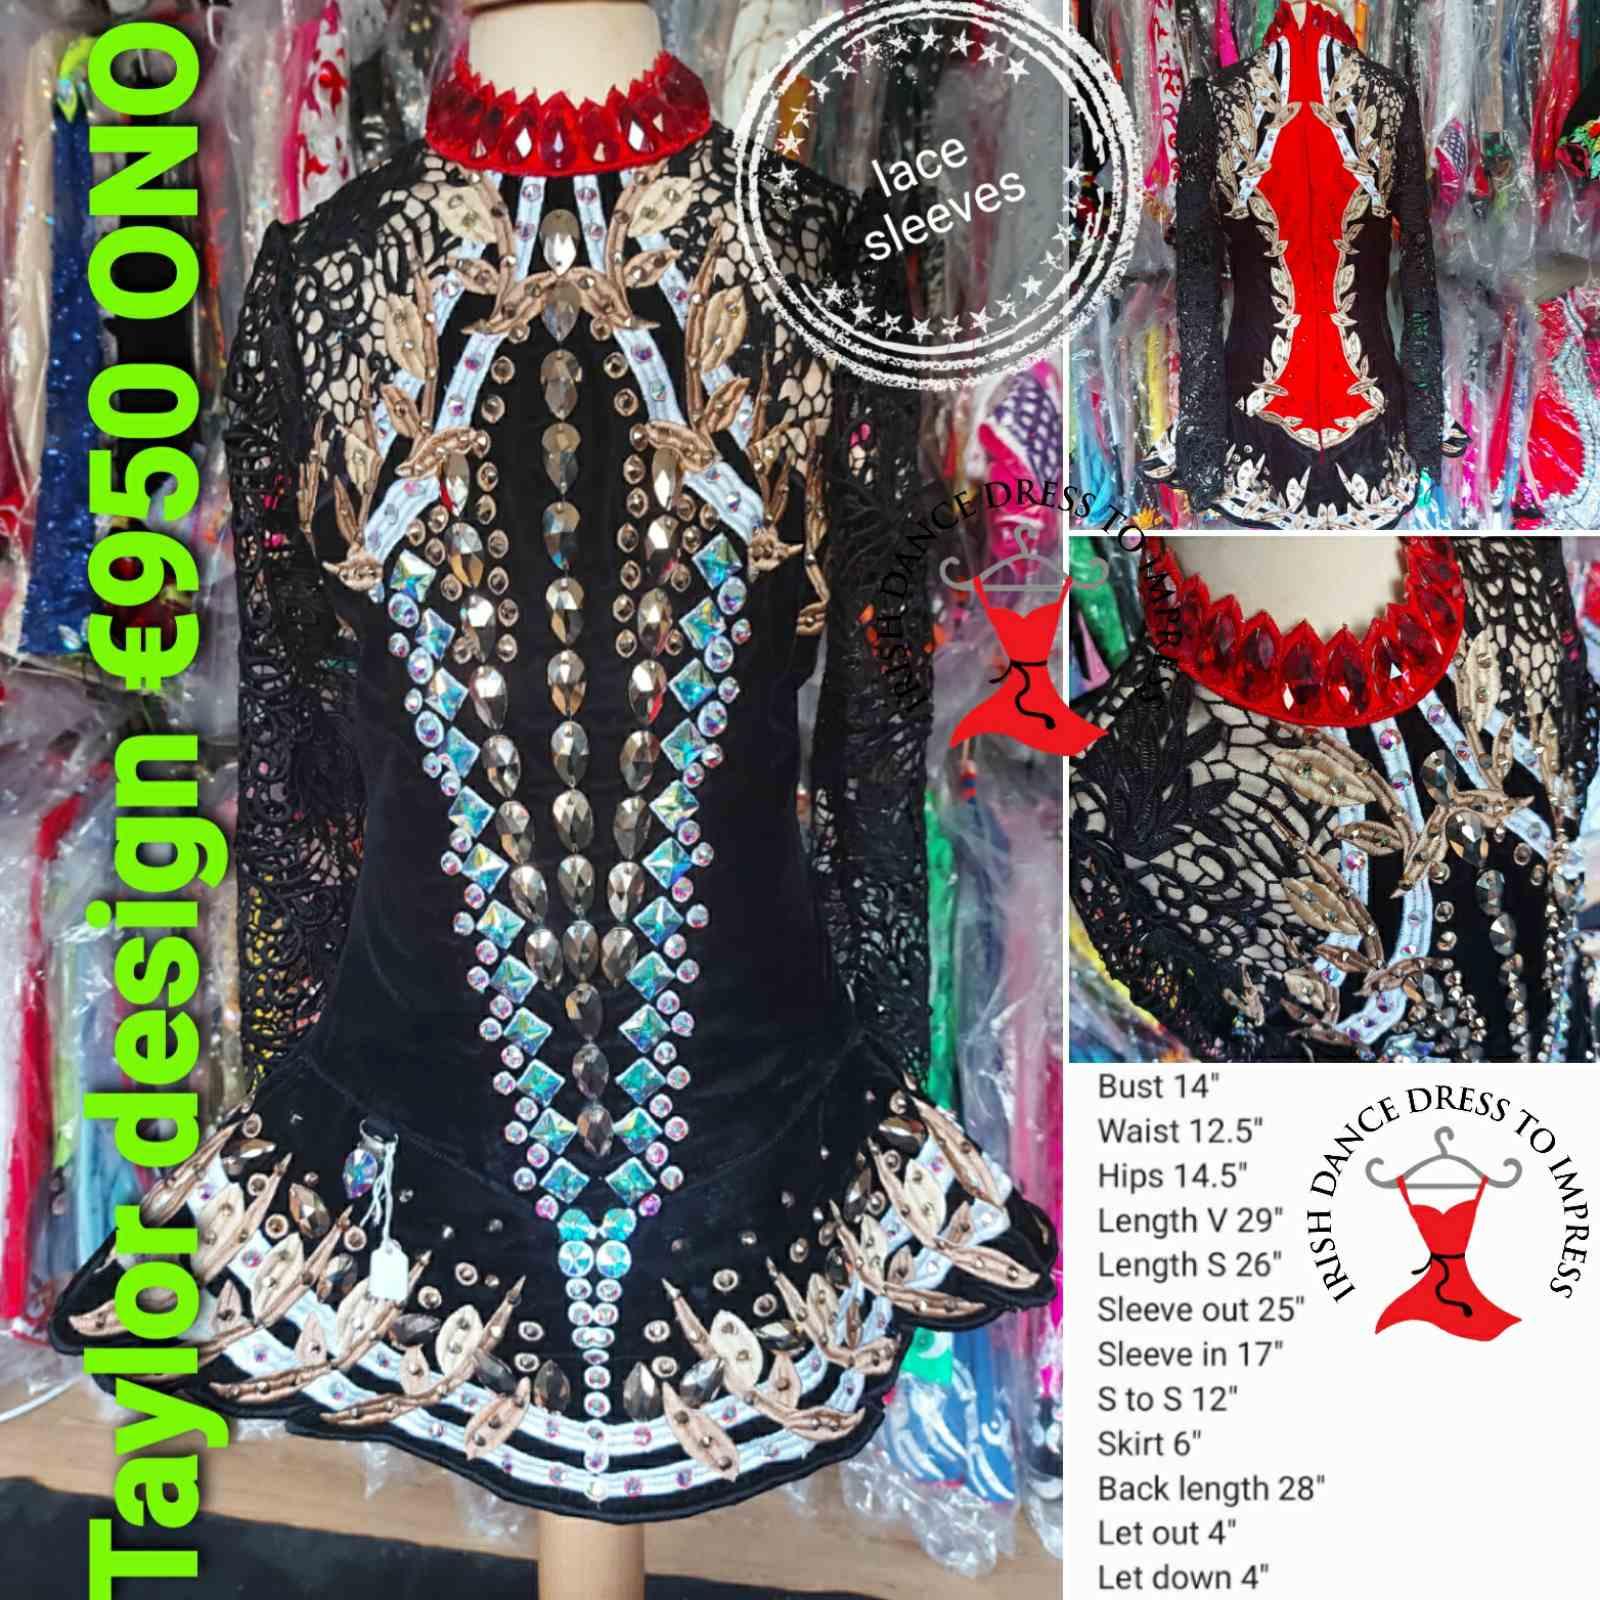 Dress #4351